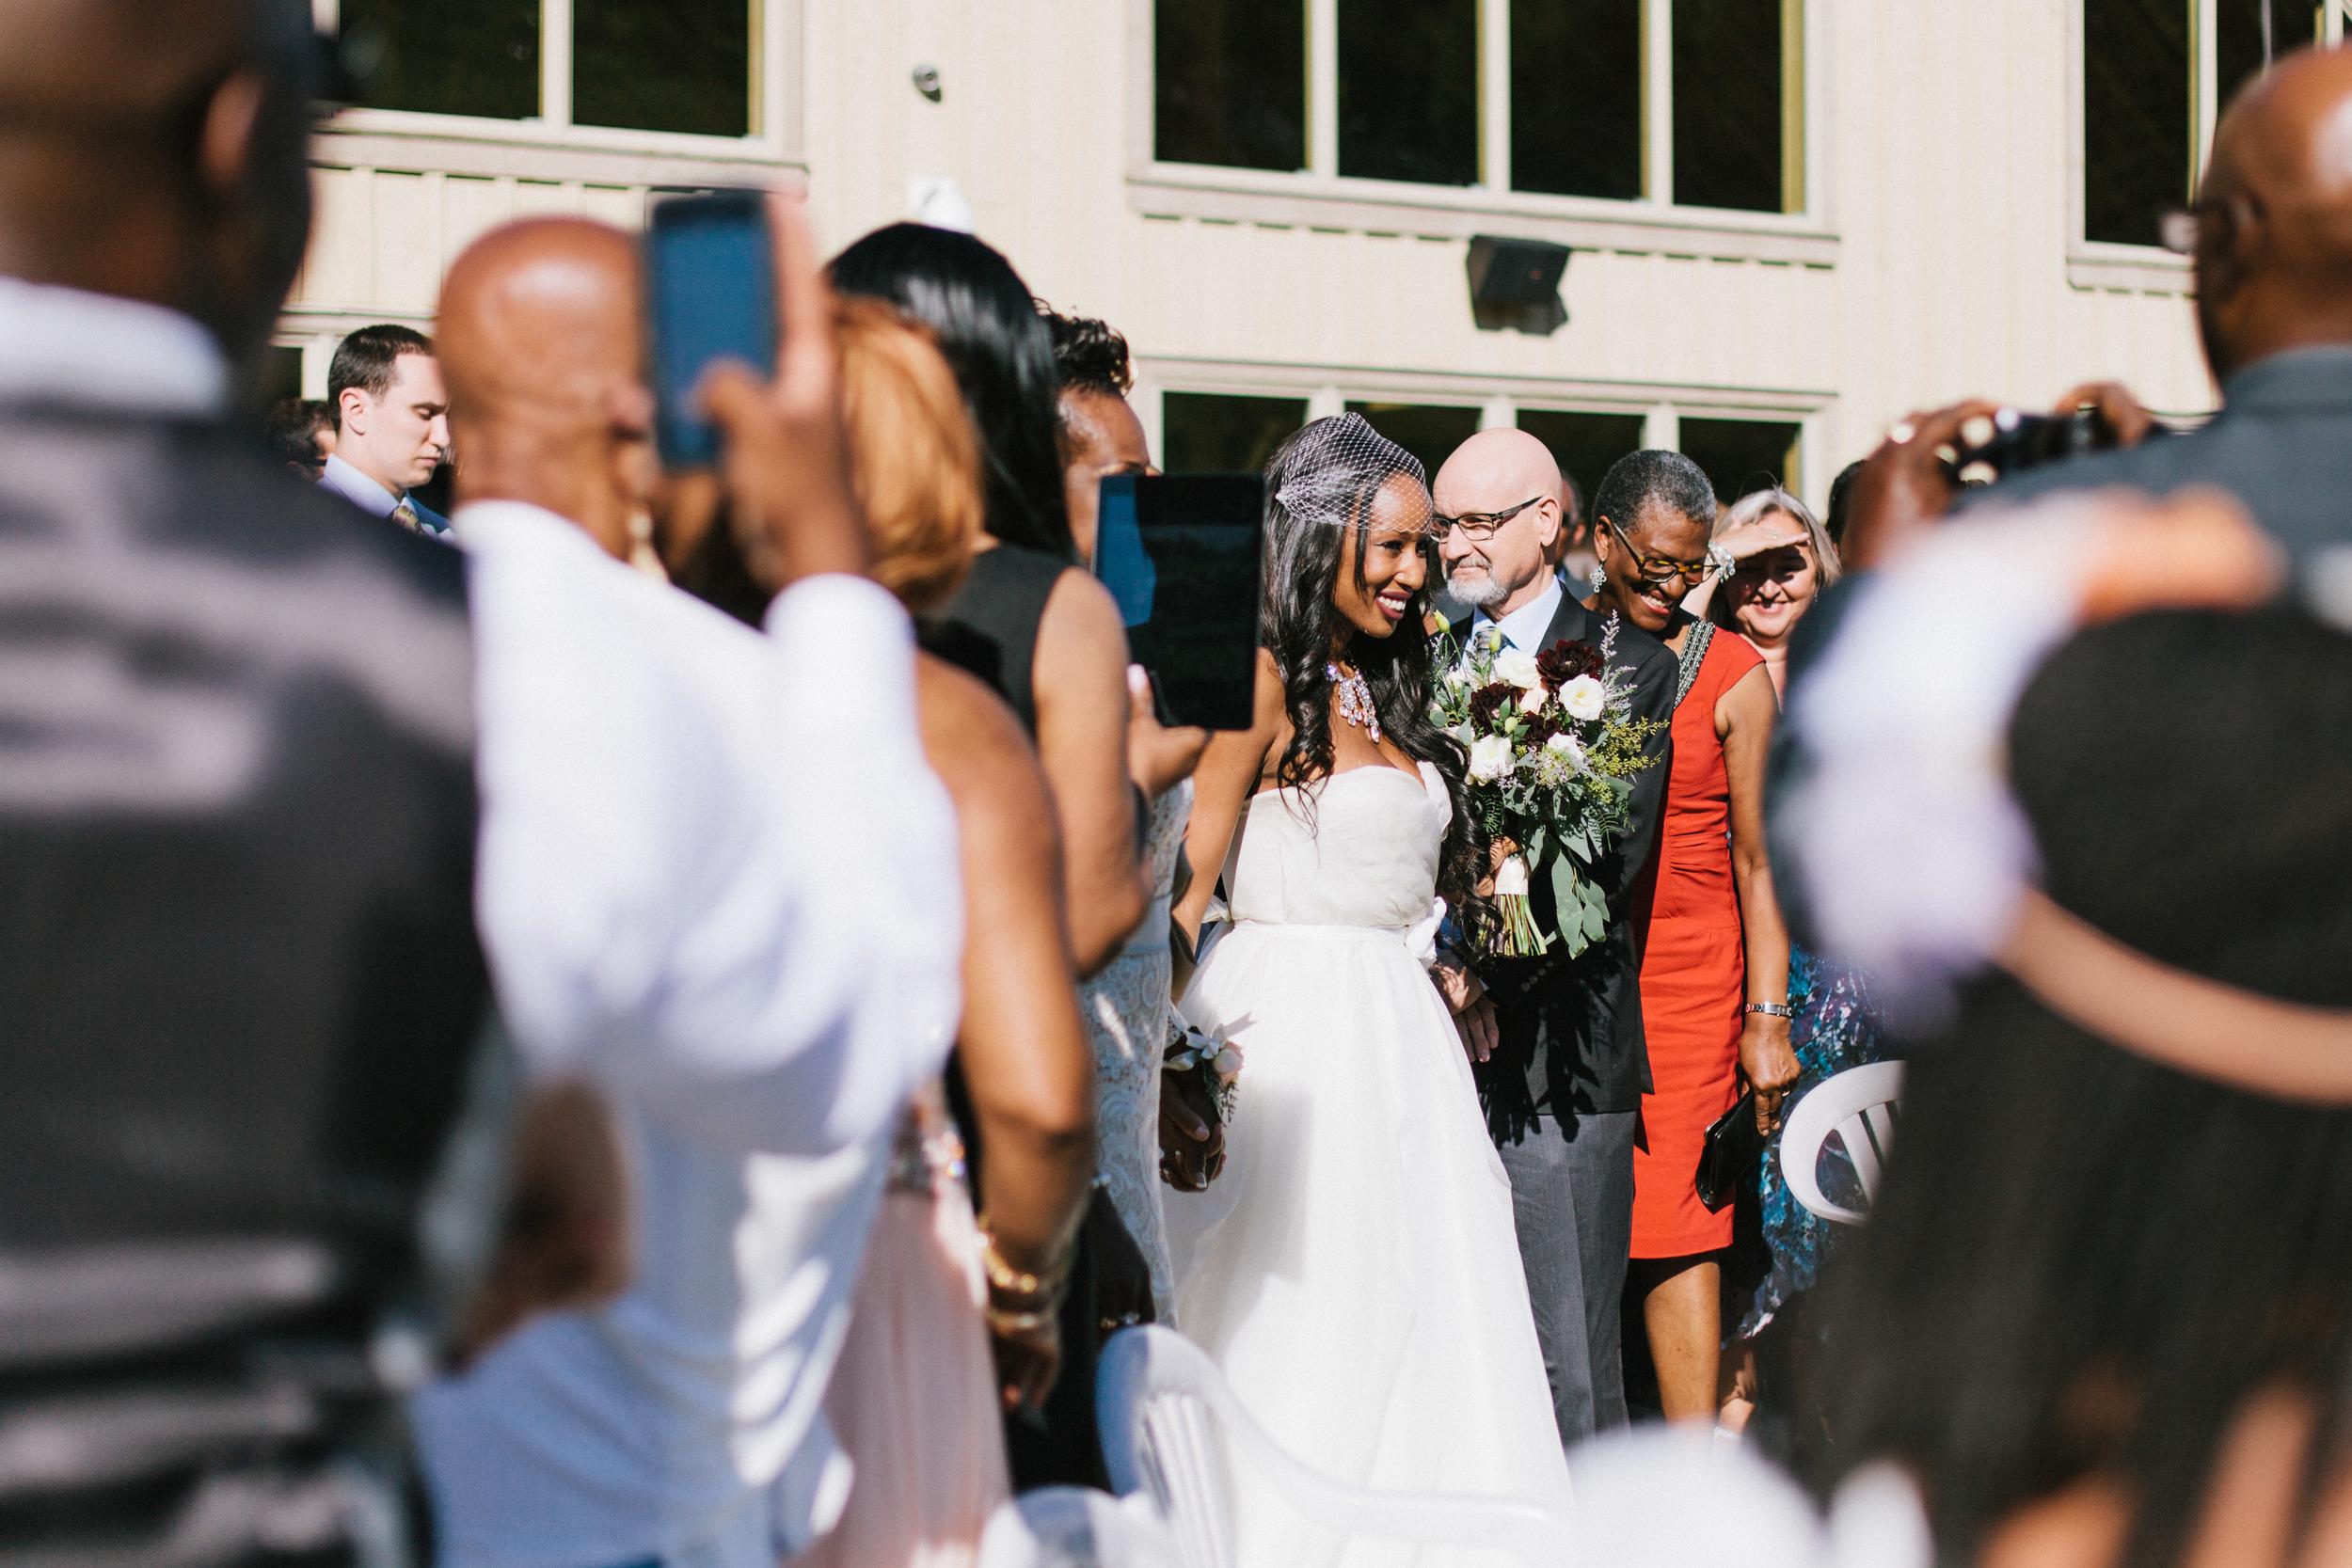 michael-rousseau-photography-shannae-ingleton-wedding-sean-craigleith-ski-club-wedding040.jpg